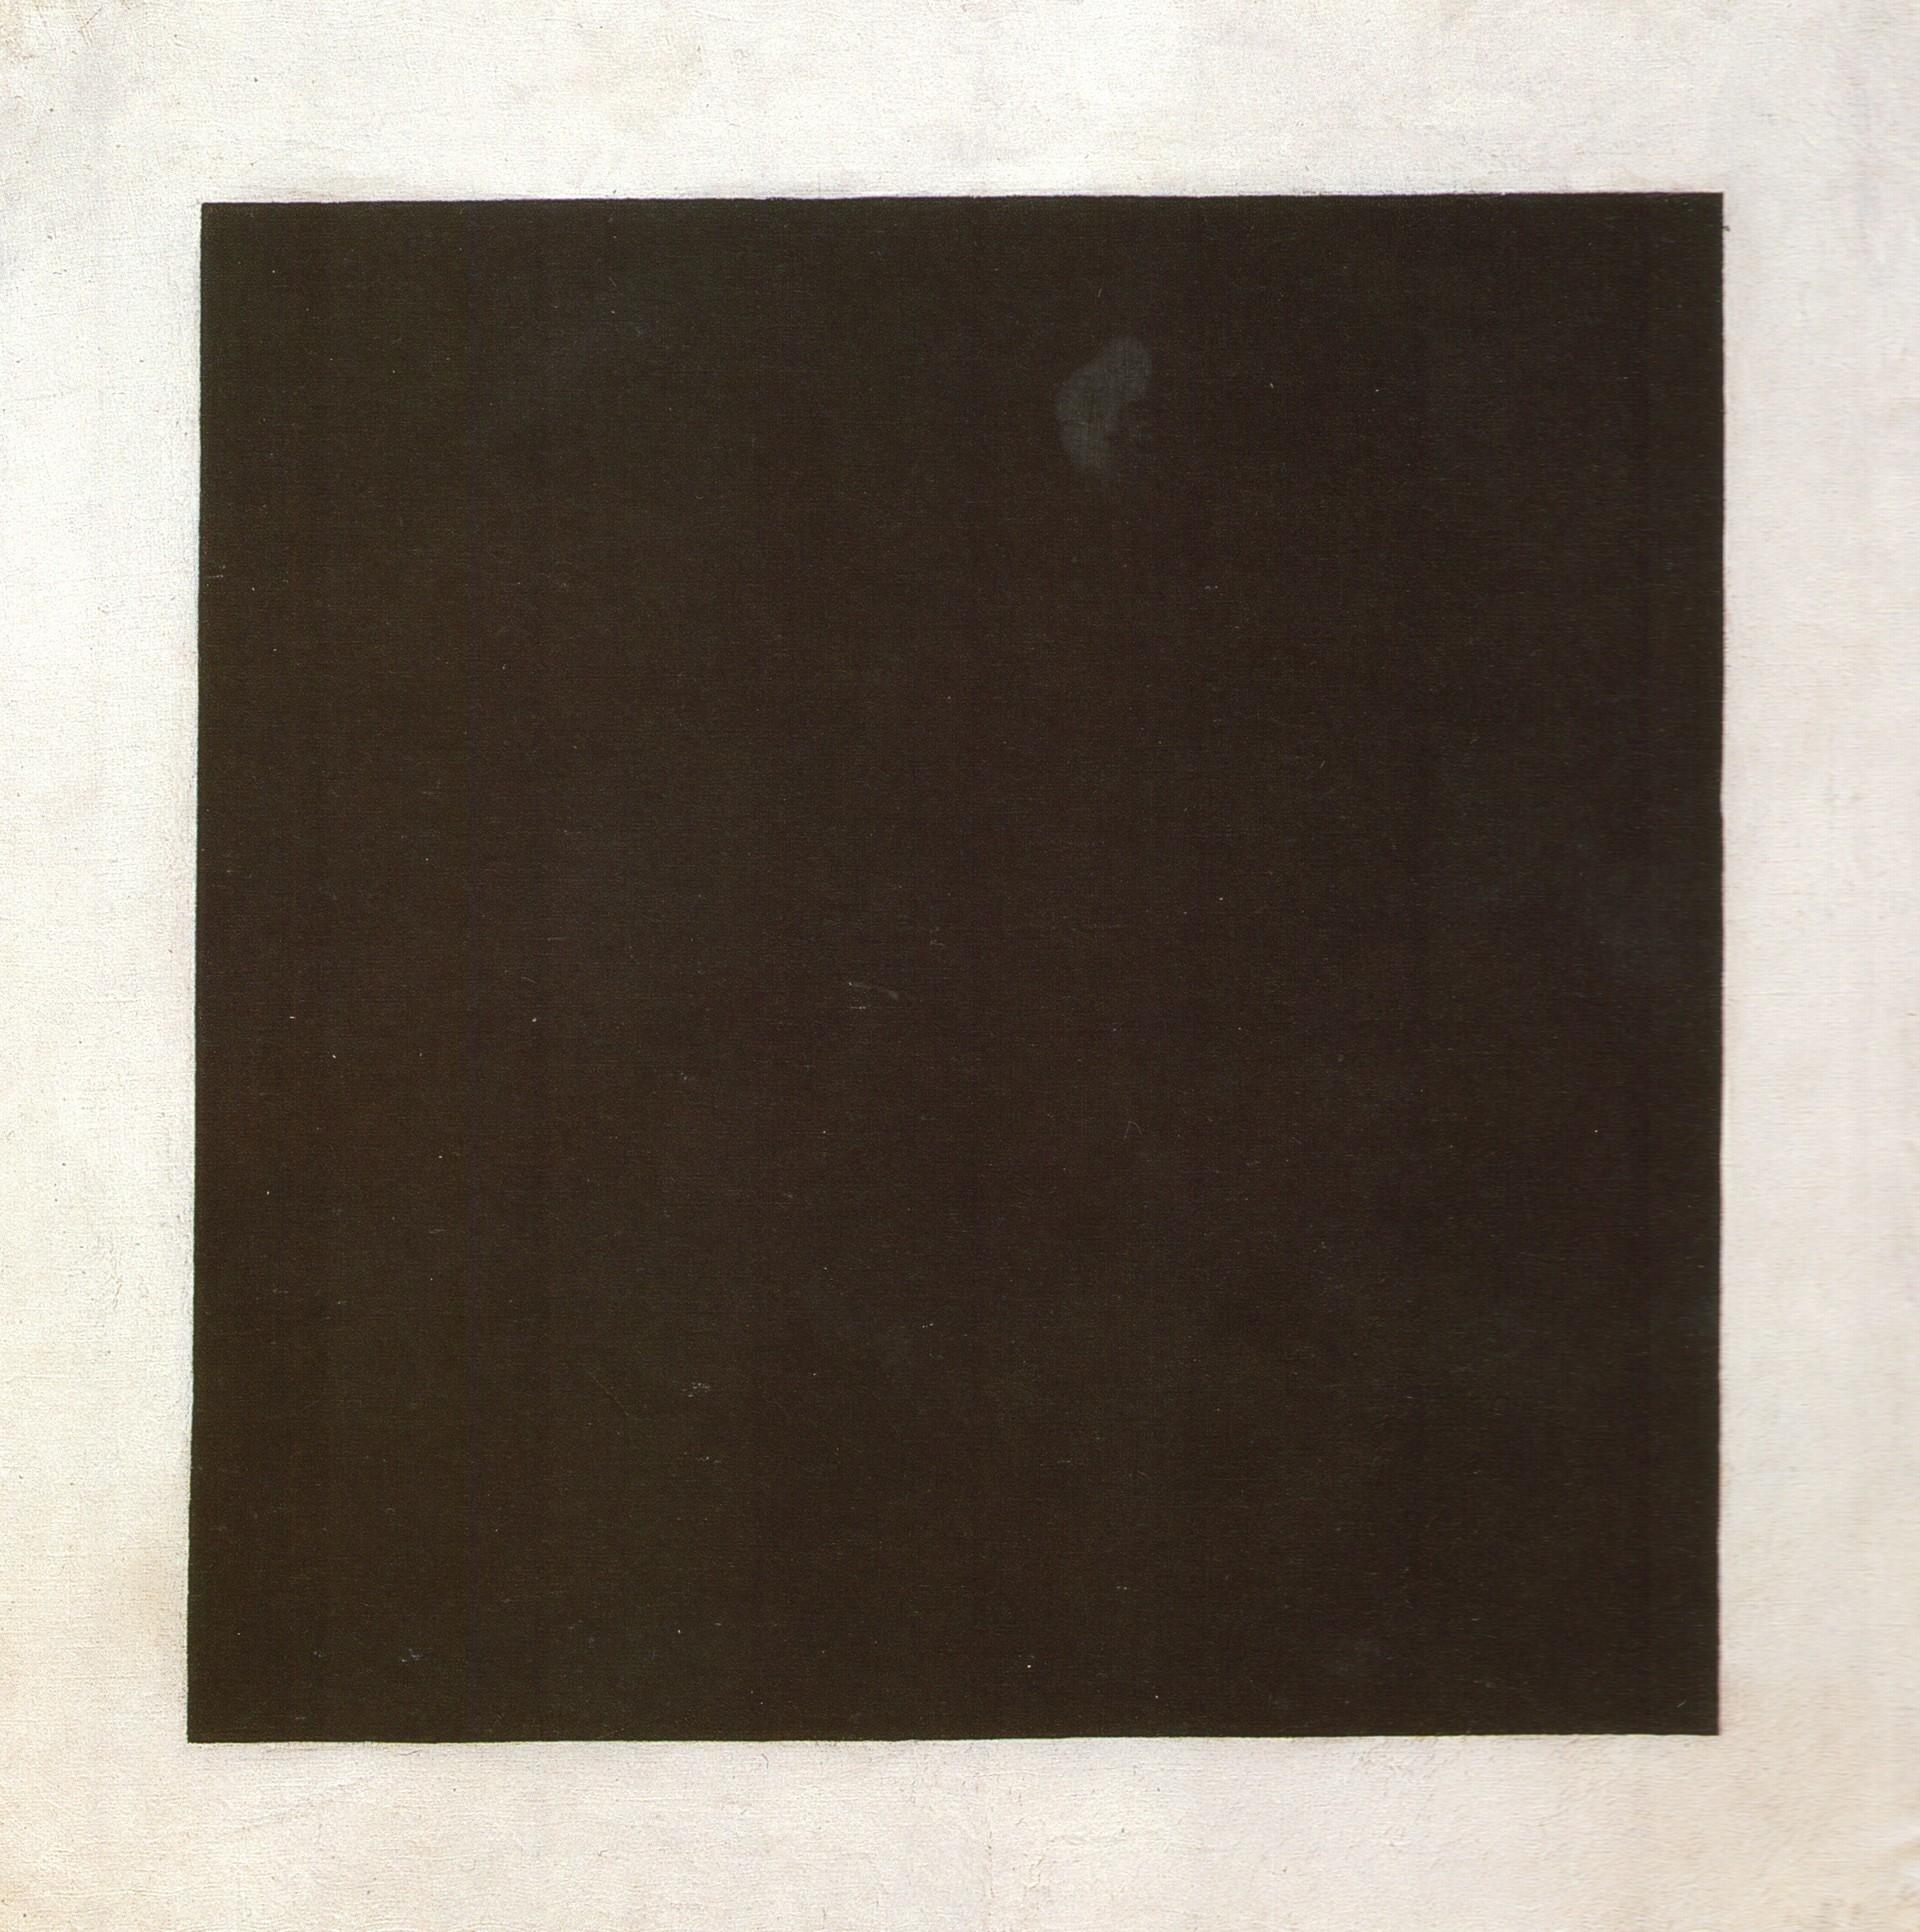 Quadrato nero, Malevich